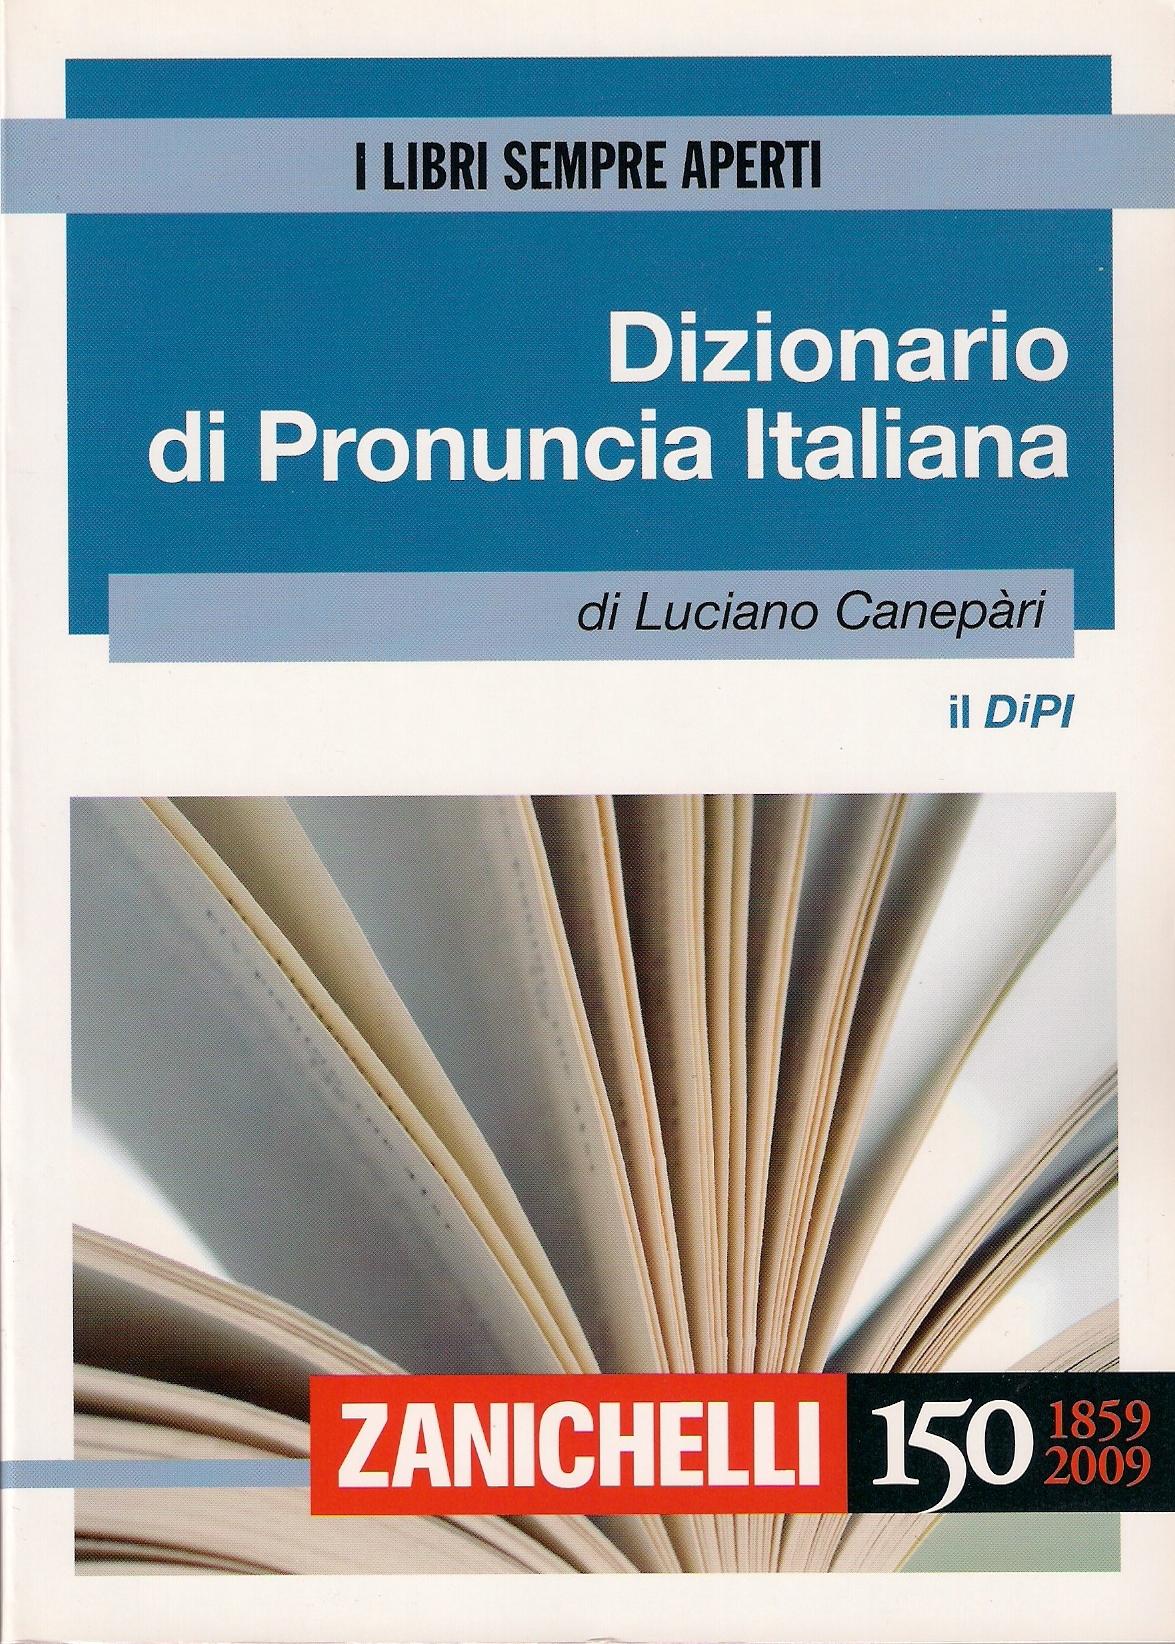 Dizionario di Pronuncia Italiana